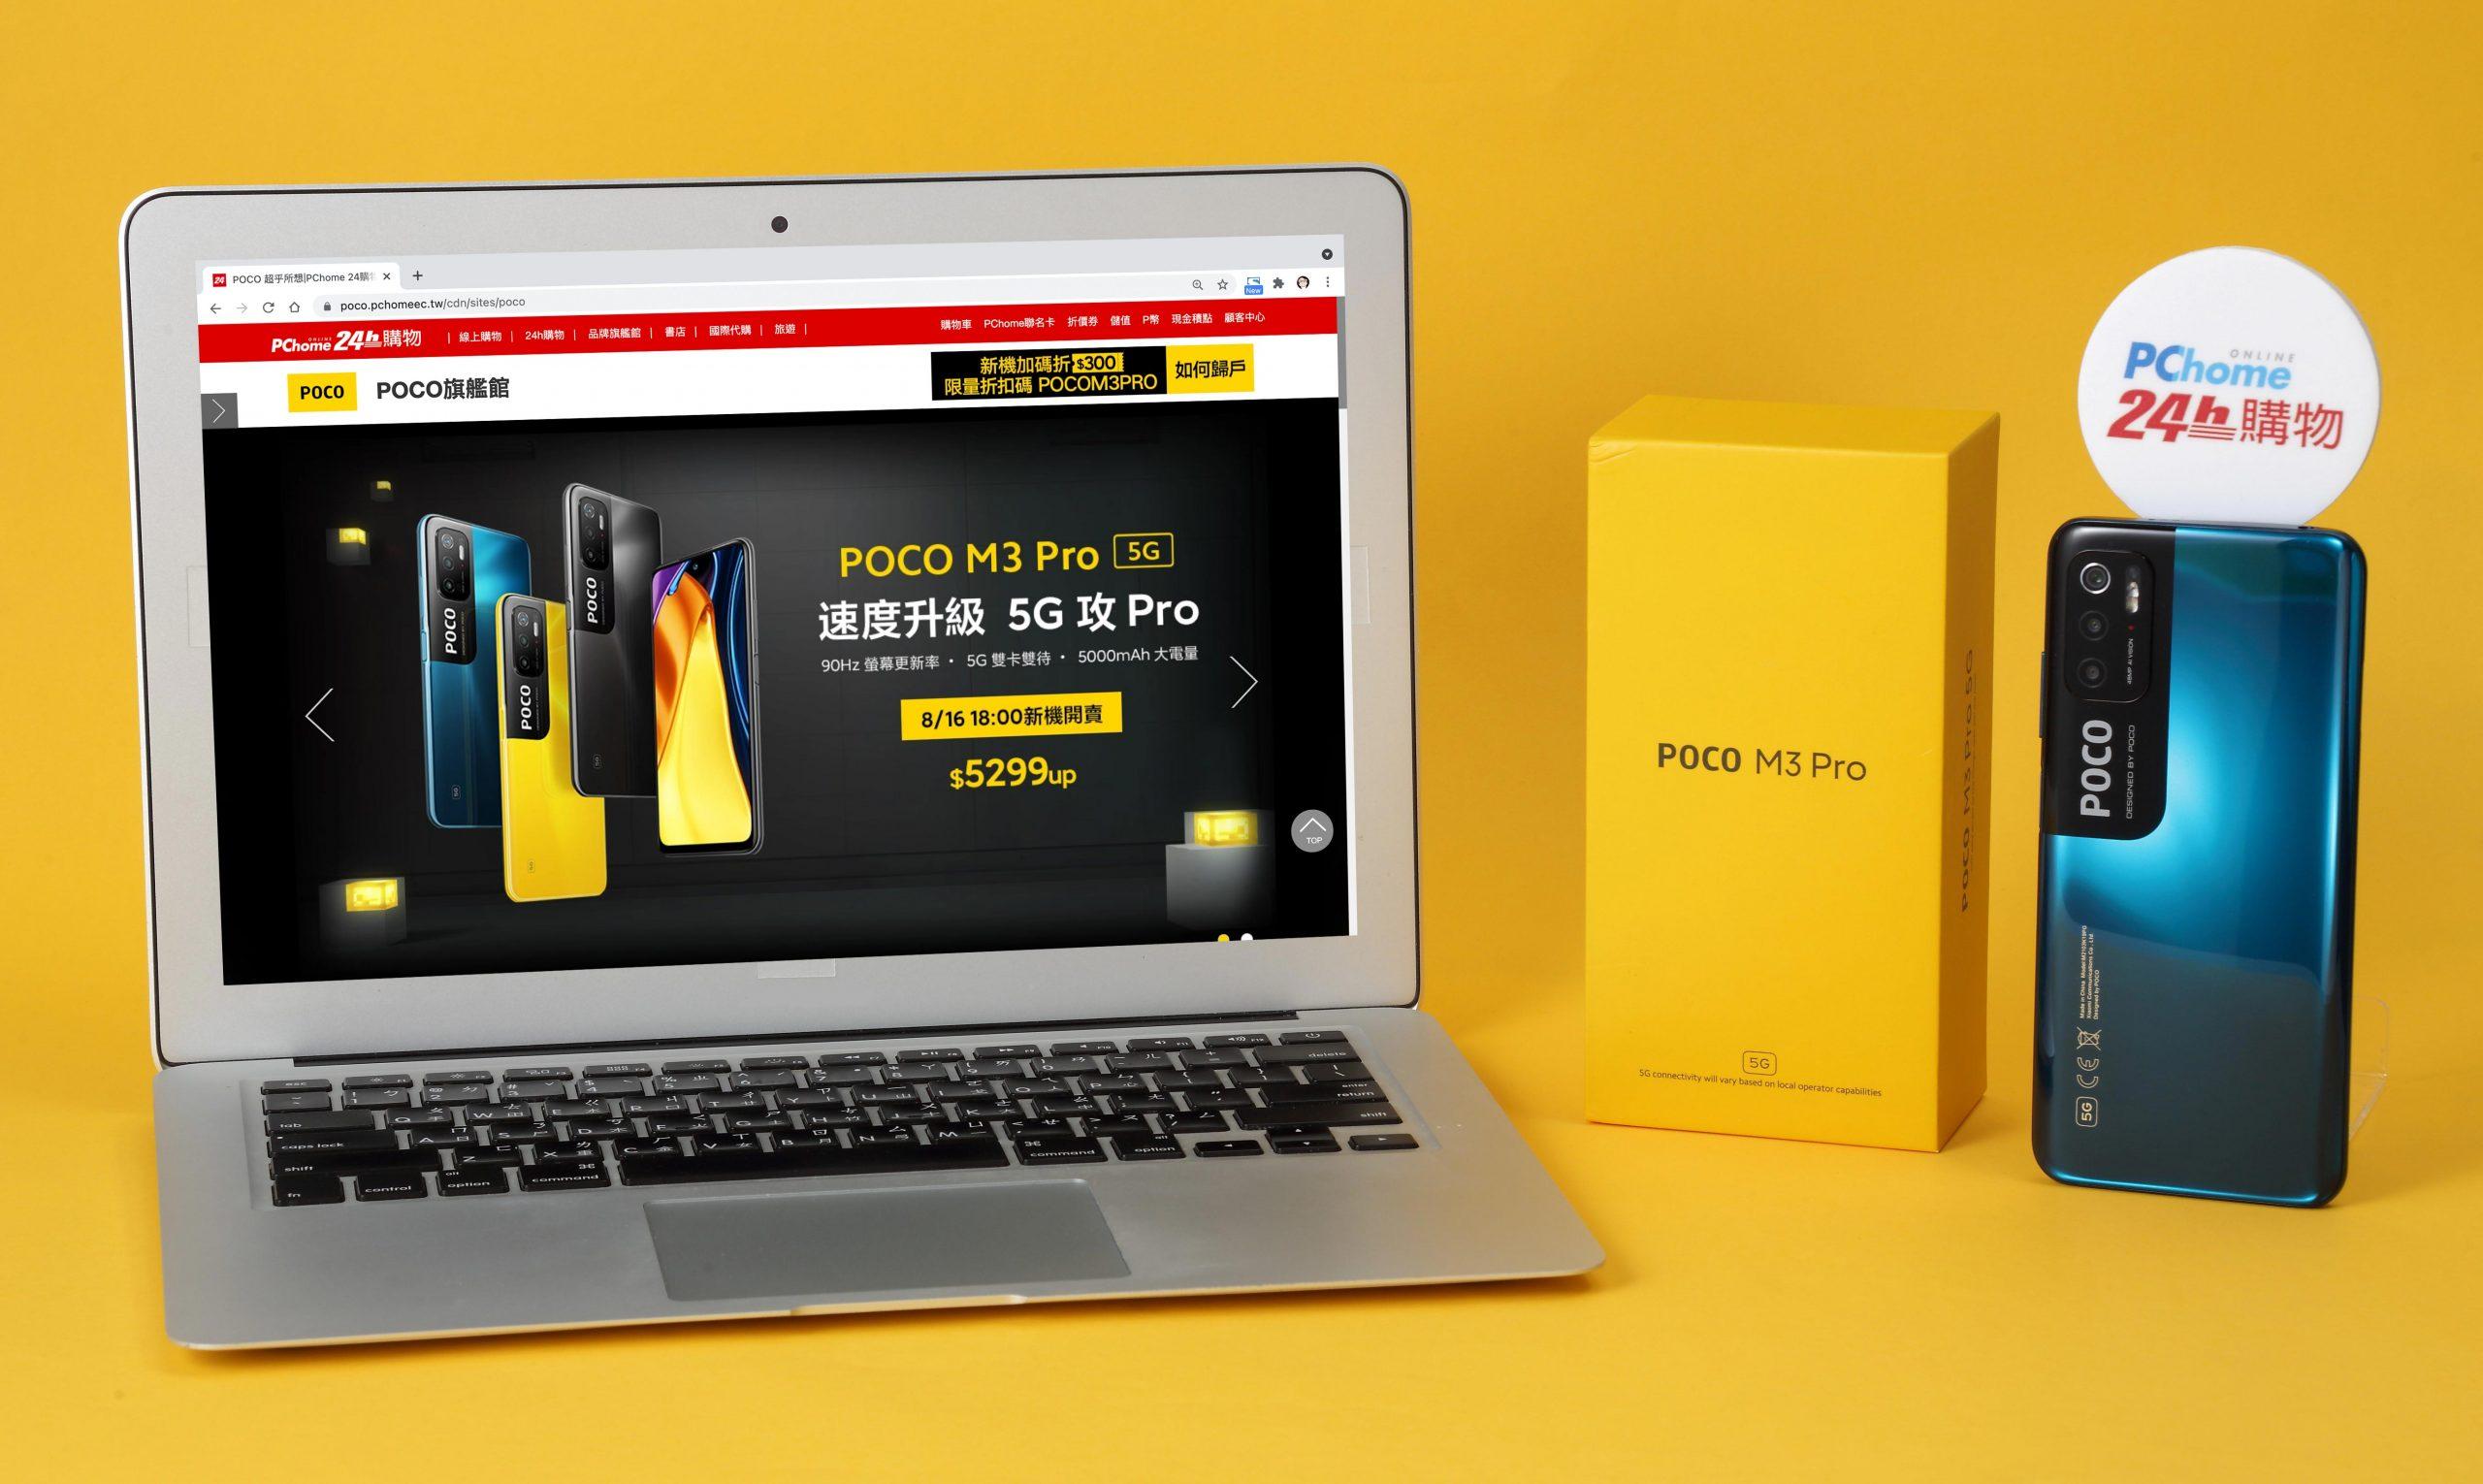 現貨開搶!PChome 24h購物8月16日晚上6點搶先開賣POCO M3 Pro 5G新機 小米旗艦館全館狂降 行動電源、攝影機買一送一 滿額再享千元現折